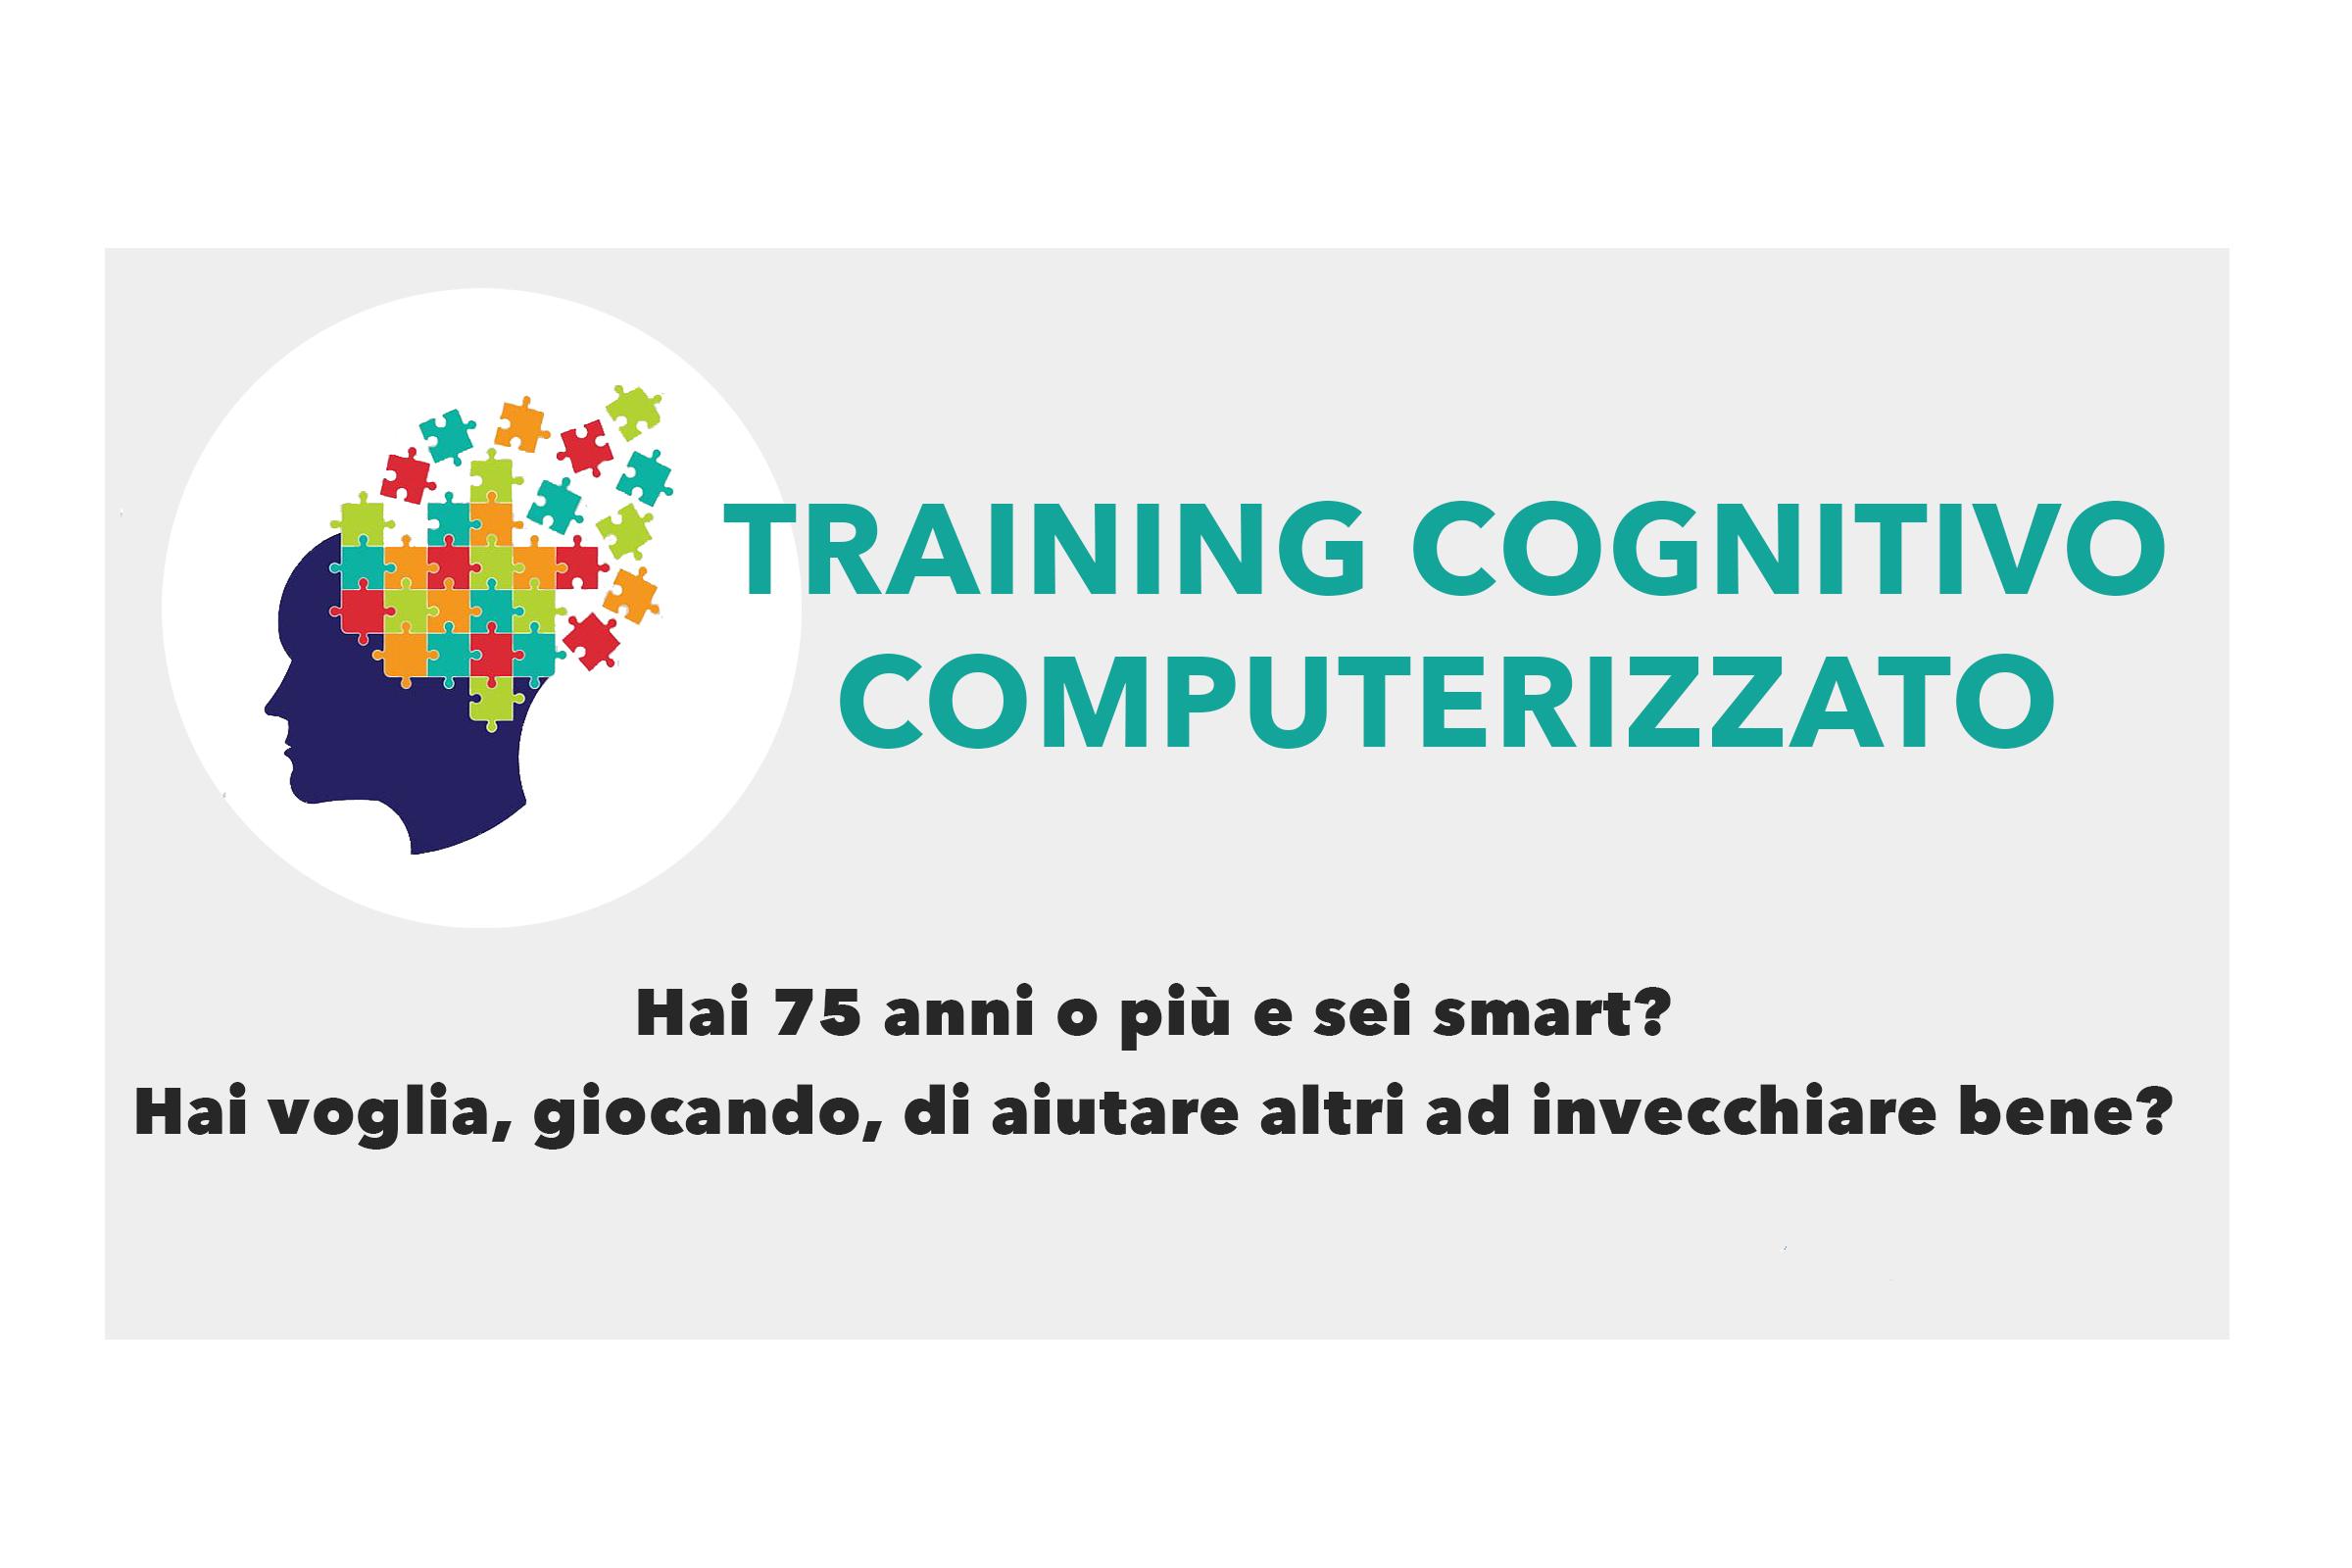 Partecipa anche tu al Training Cognitivo Computerizzato